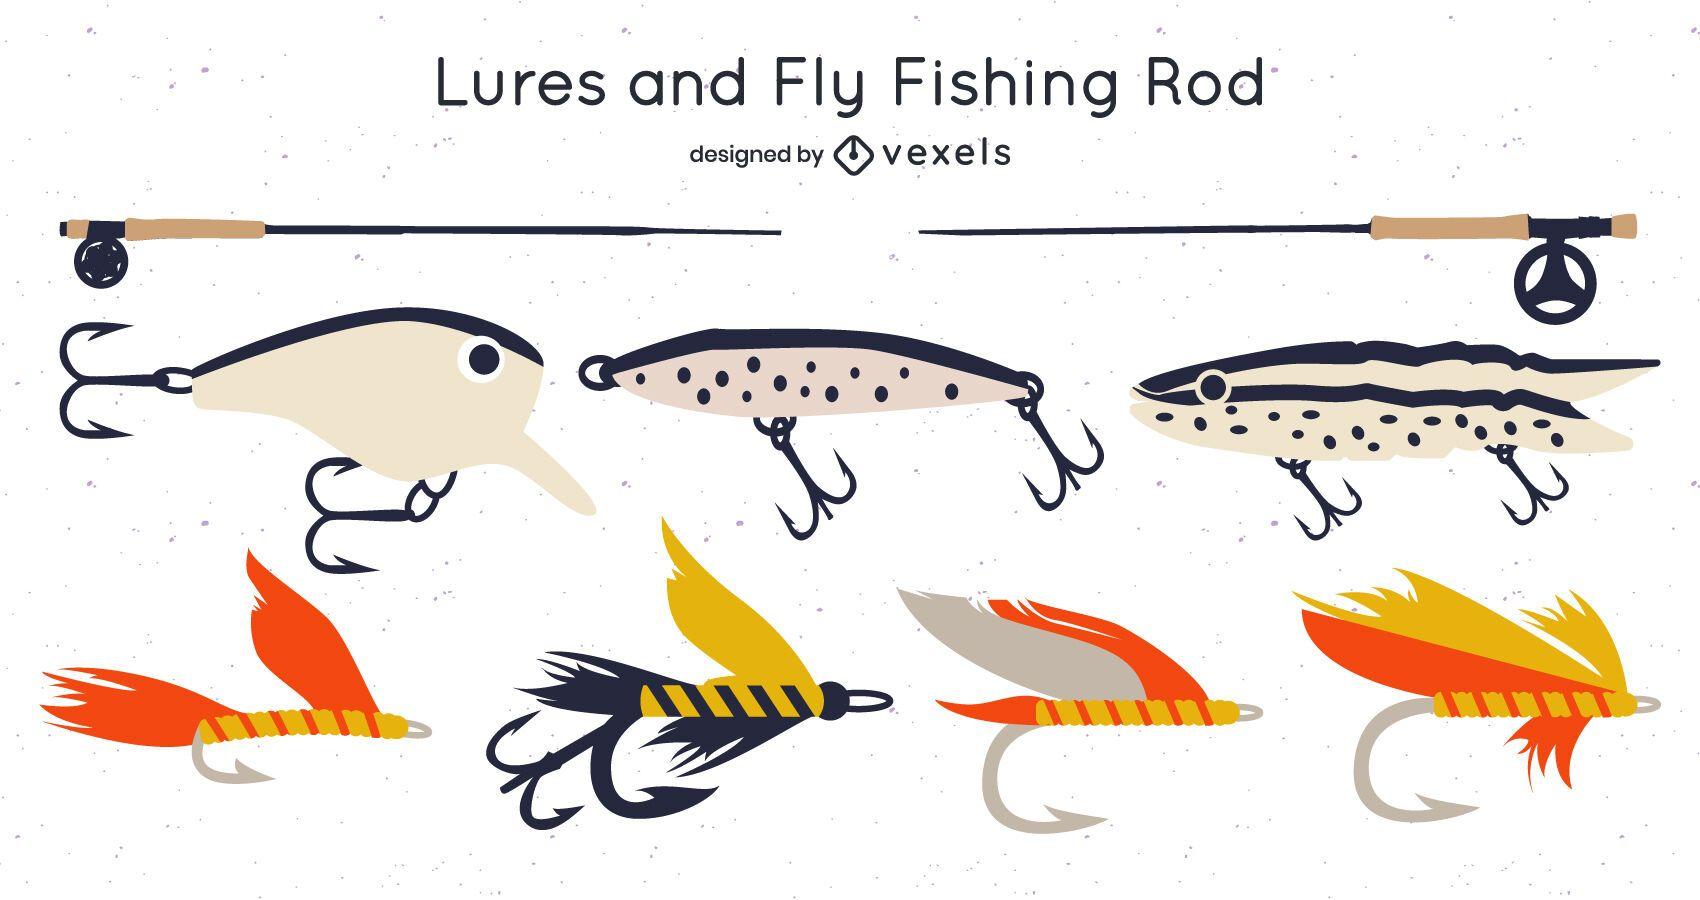 Paquete de diseño de cañas de pescar y señuelos con mosca